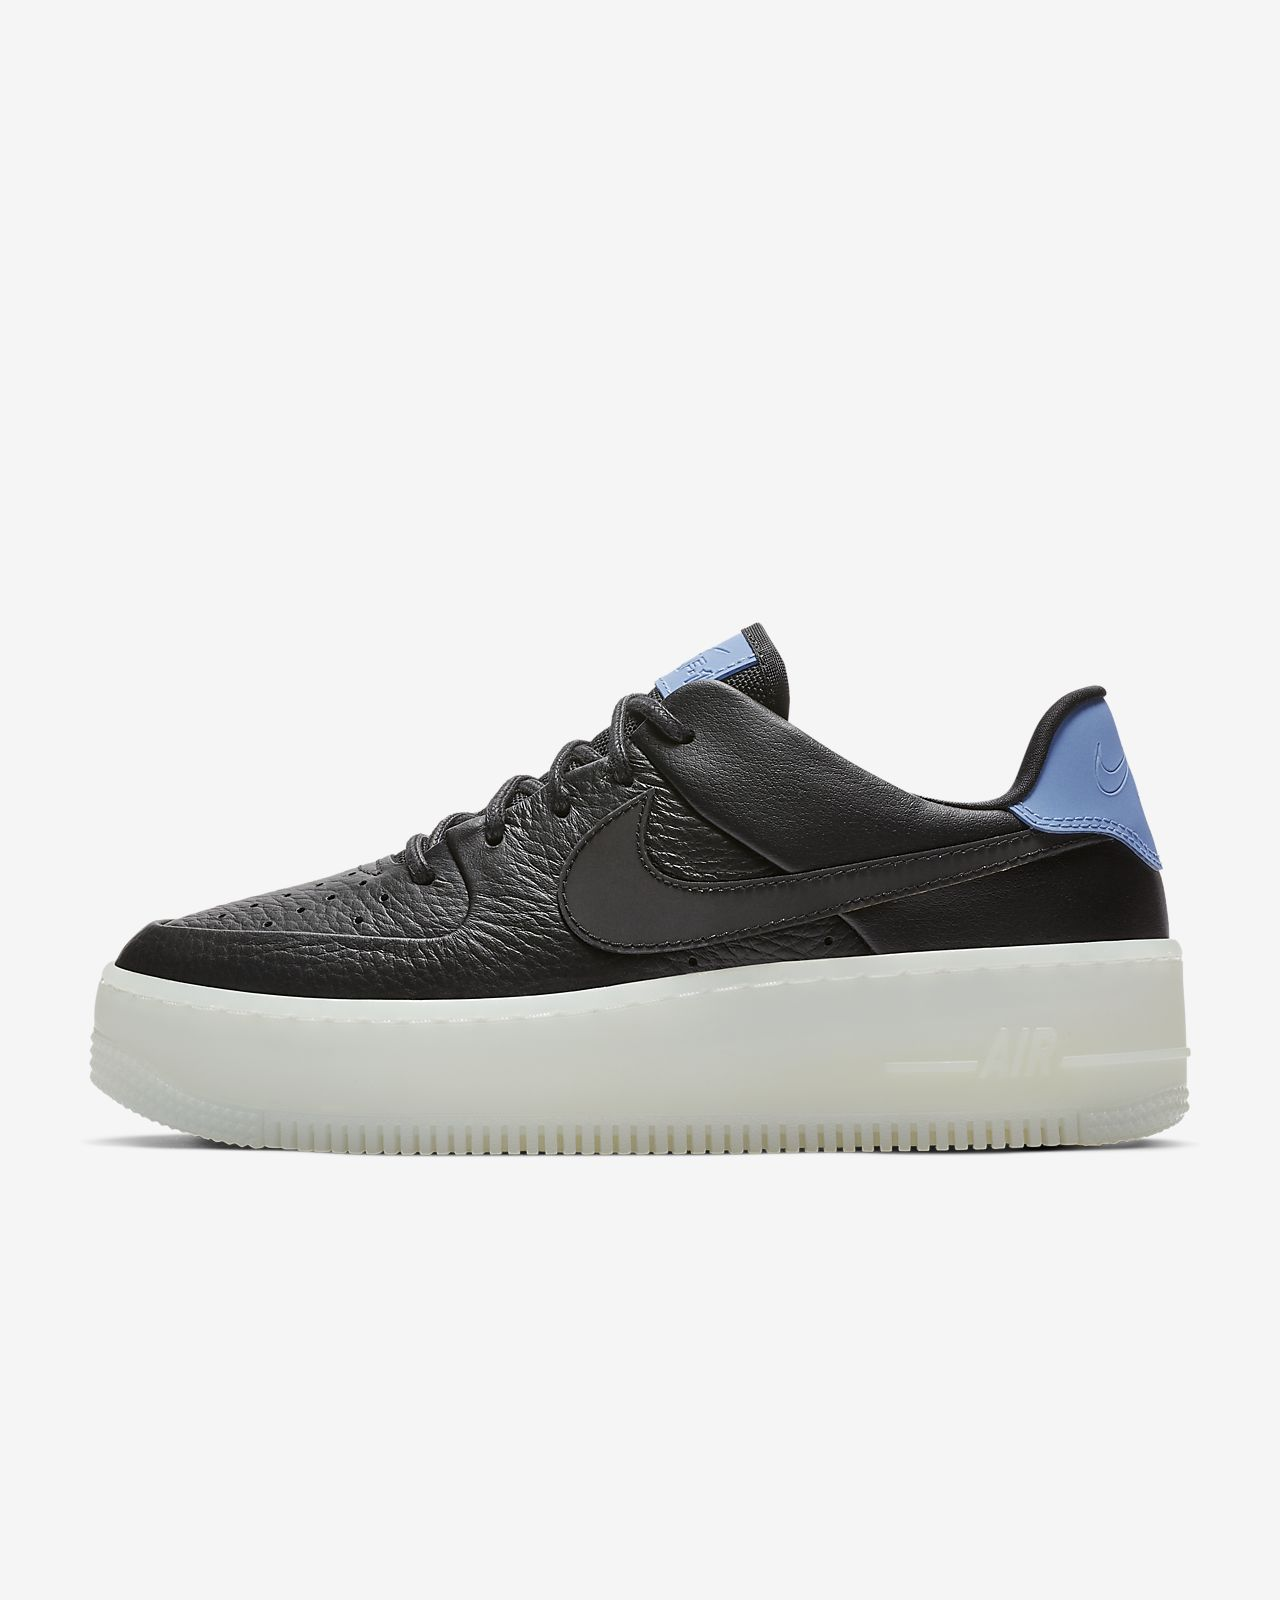 new style 8e4a1 996a6 Nike Air Force 1 Sage Low LX-sko til kvinder. Nike.com DK